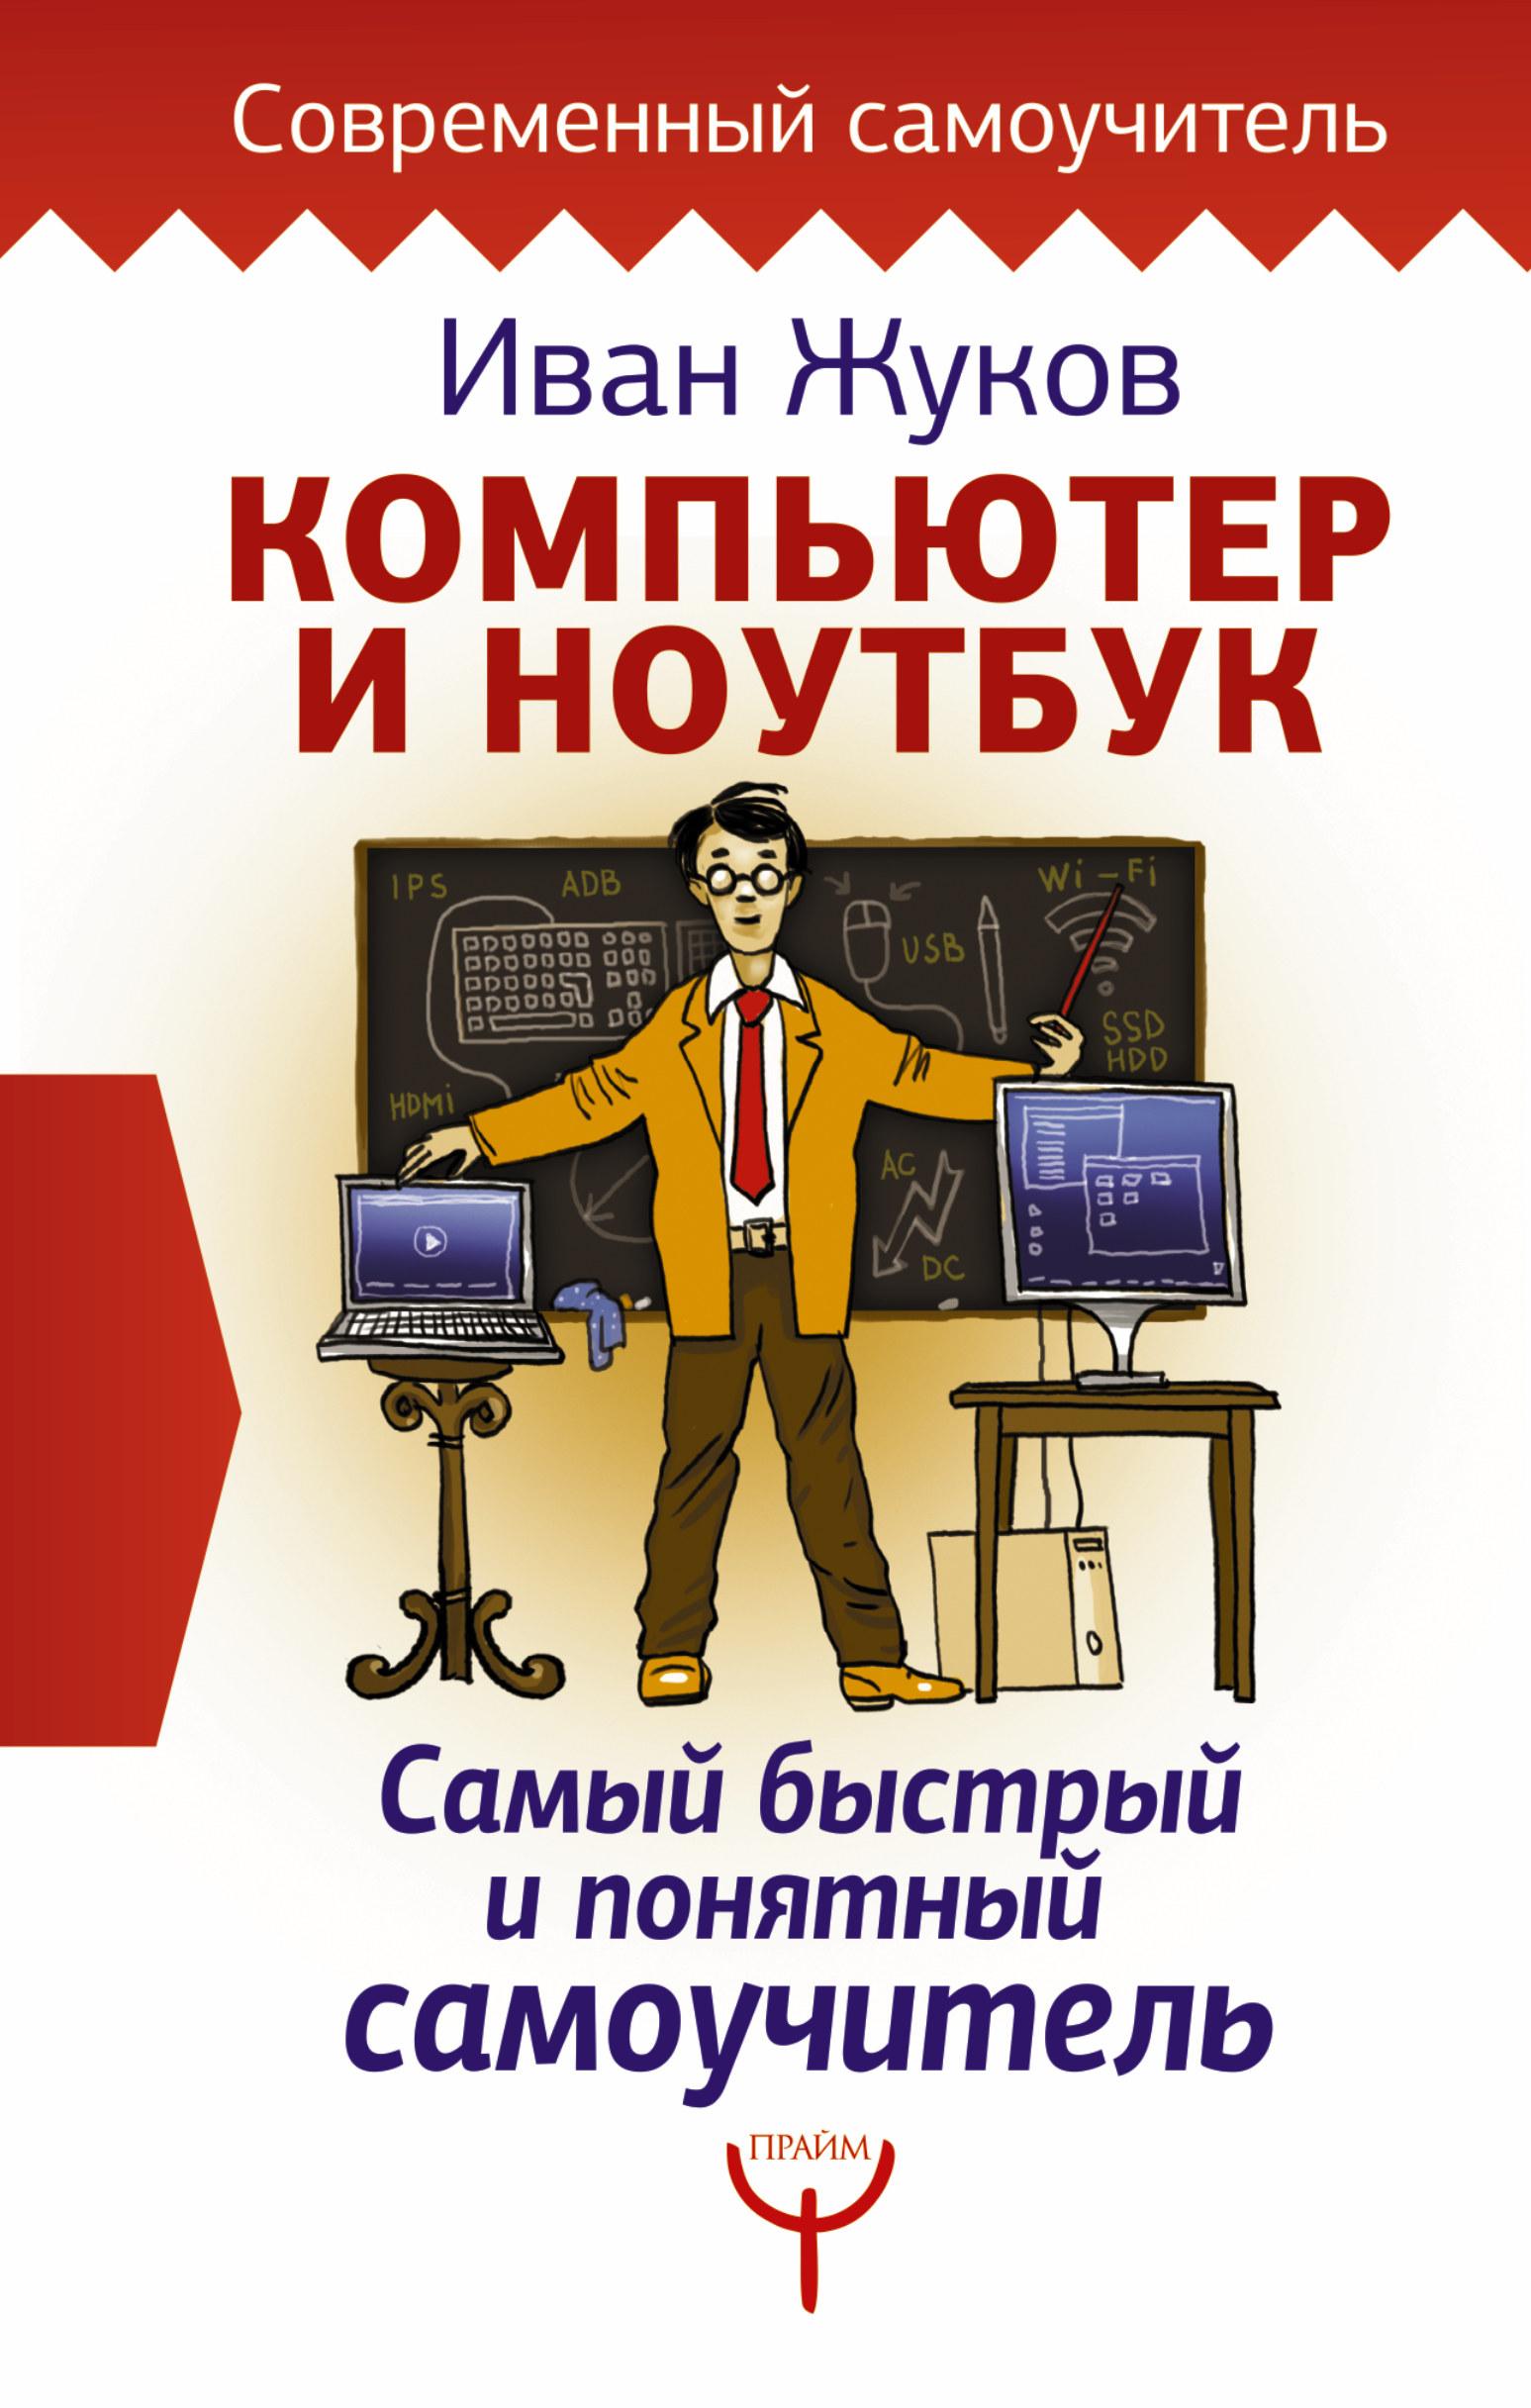 Жуков Иван Компьютер и ноутбук. Самый быстрый и понятный самоучитель жуков иван планшет с нуля все типы планшетов в одной книге айпед и андроид